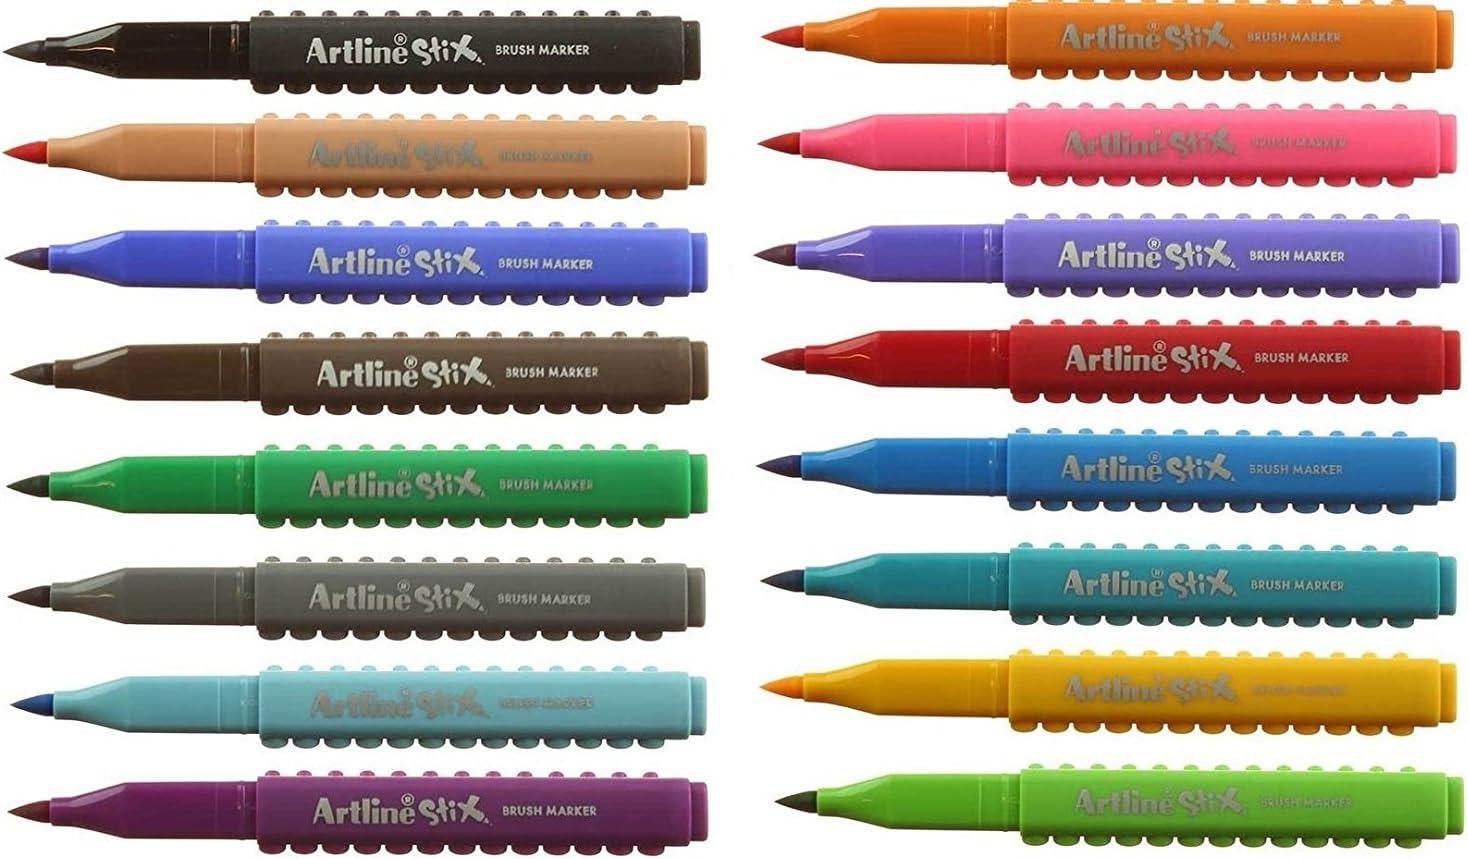 Artline Stix Cepillo Set De Pluma -16 Variedad Color Conexión Plumas: Amazon.es: Oficina y papelería